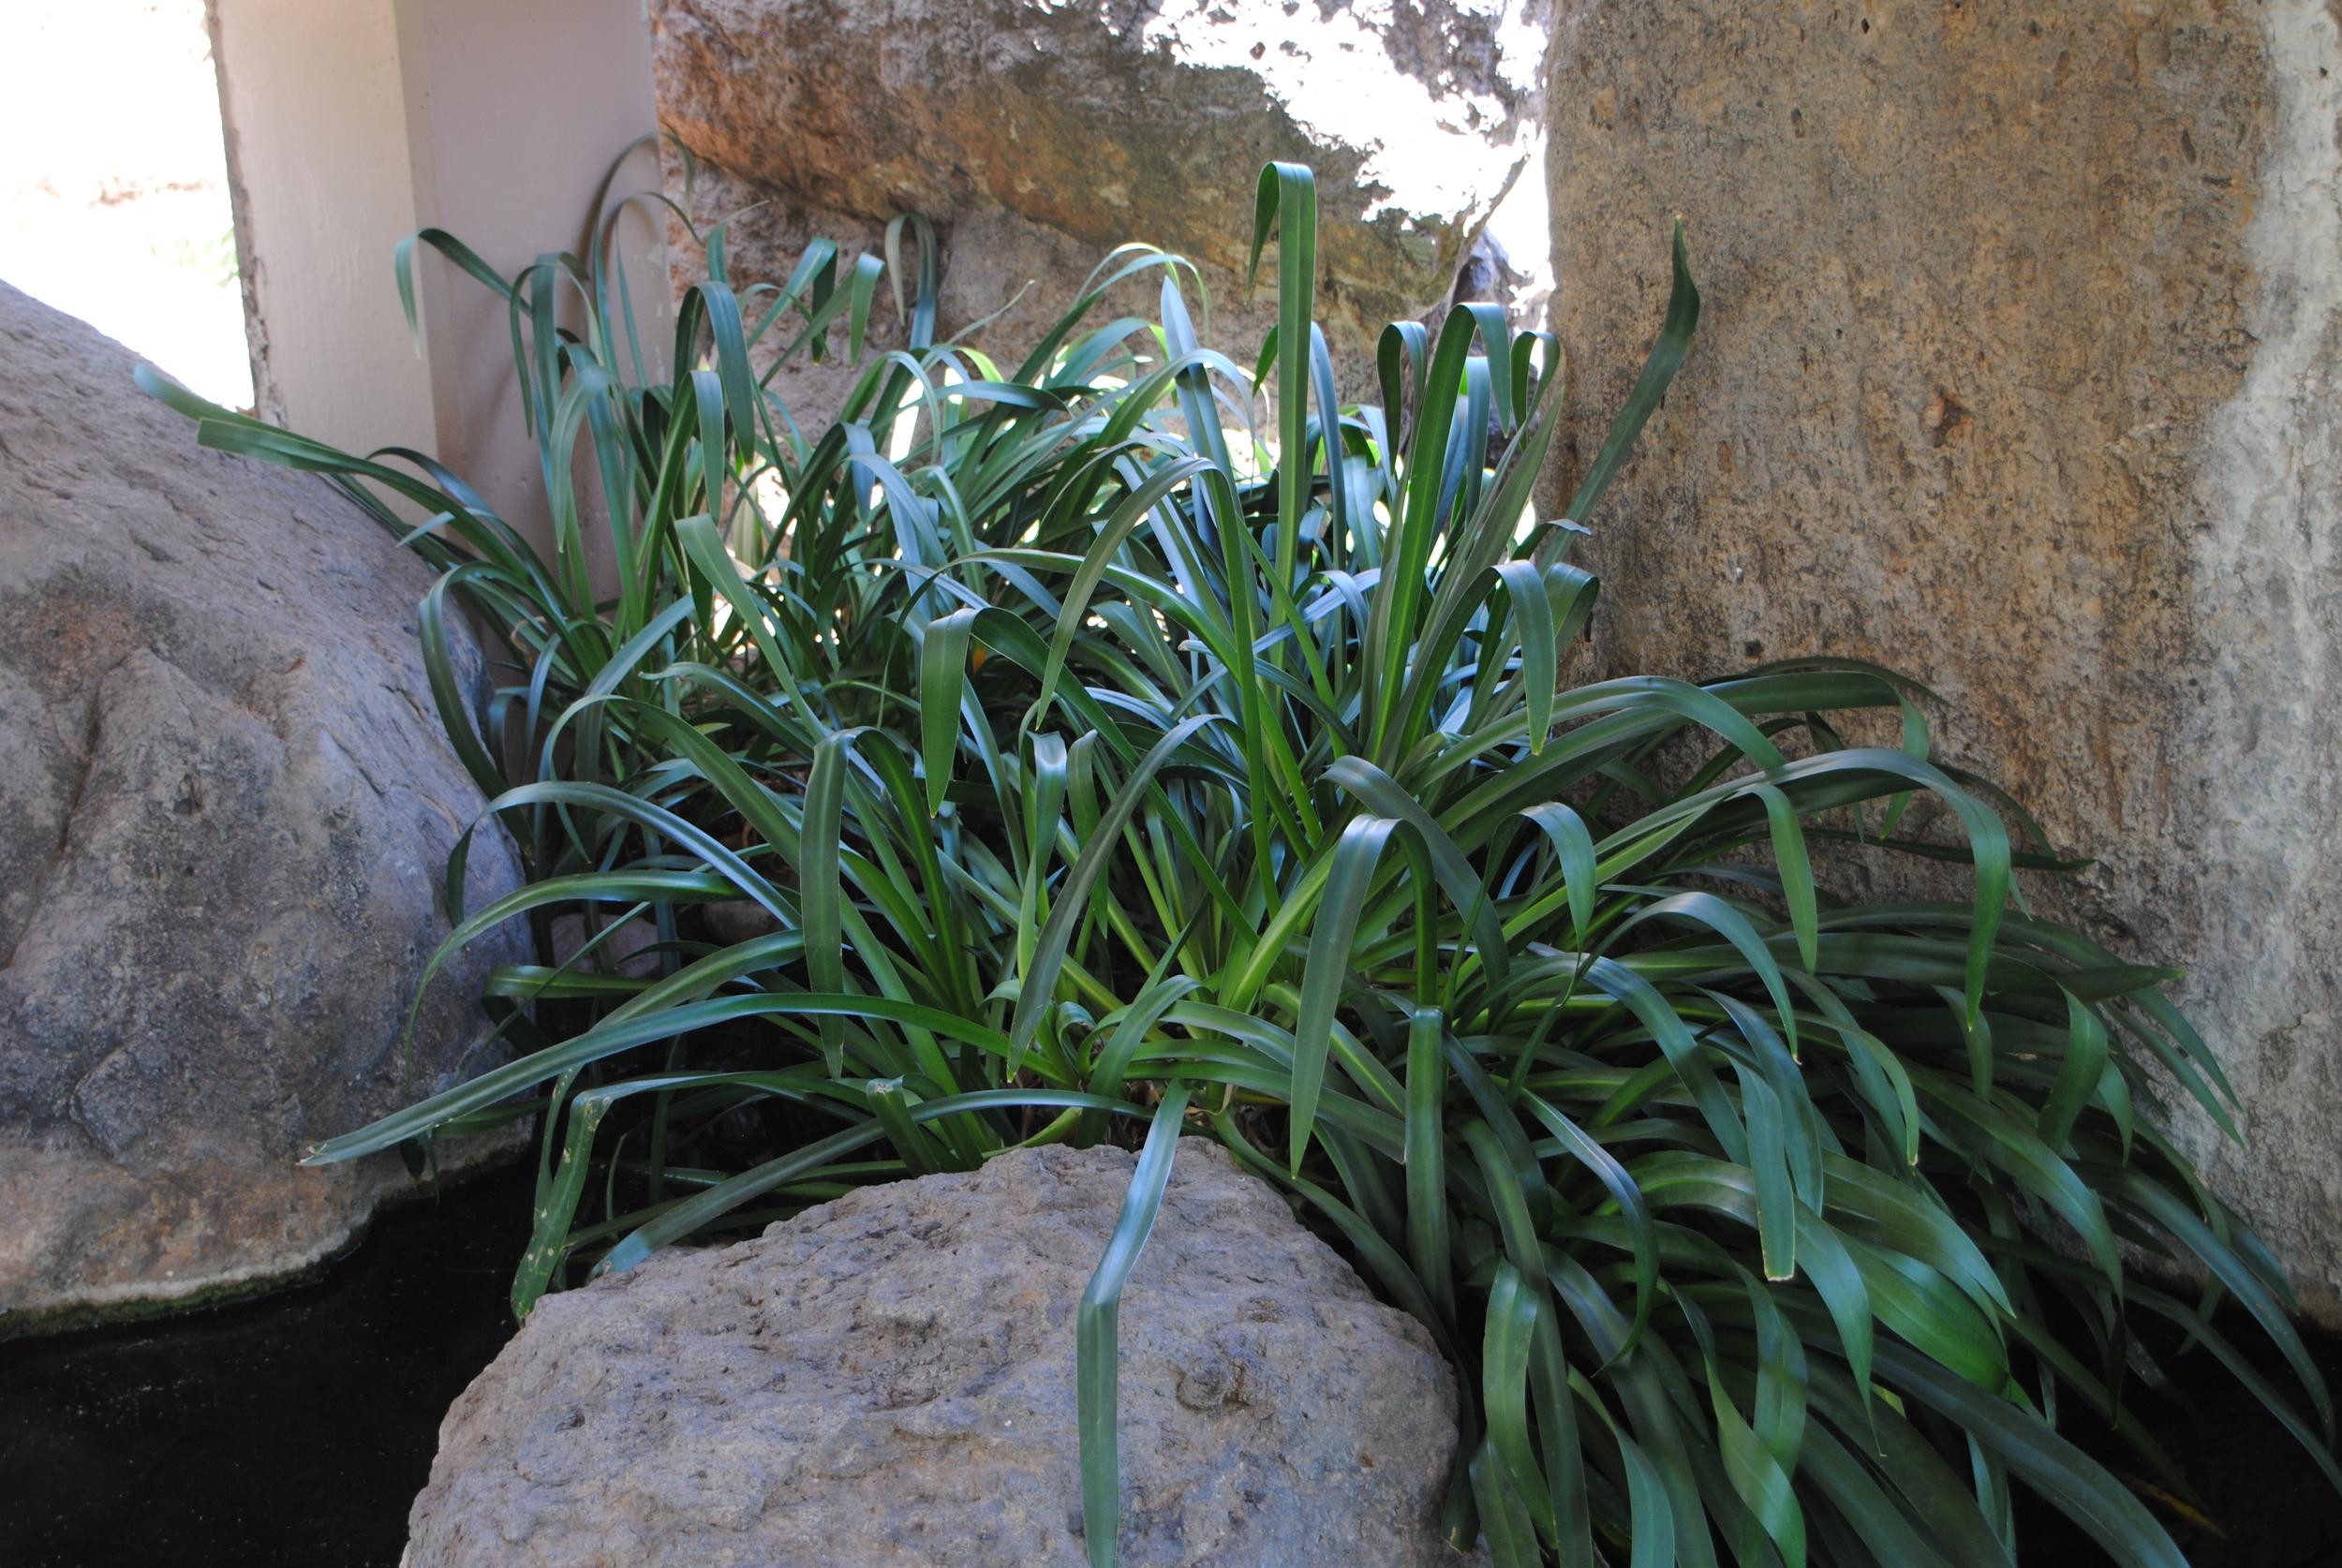 The Hymenocallis sonorensis (Sonoran spiderlily) was unfortunately not in flower.